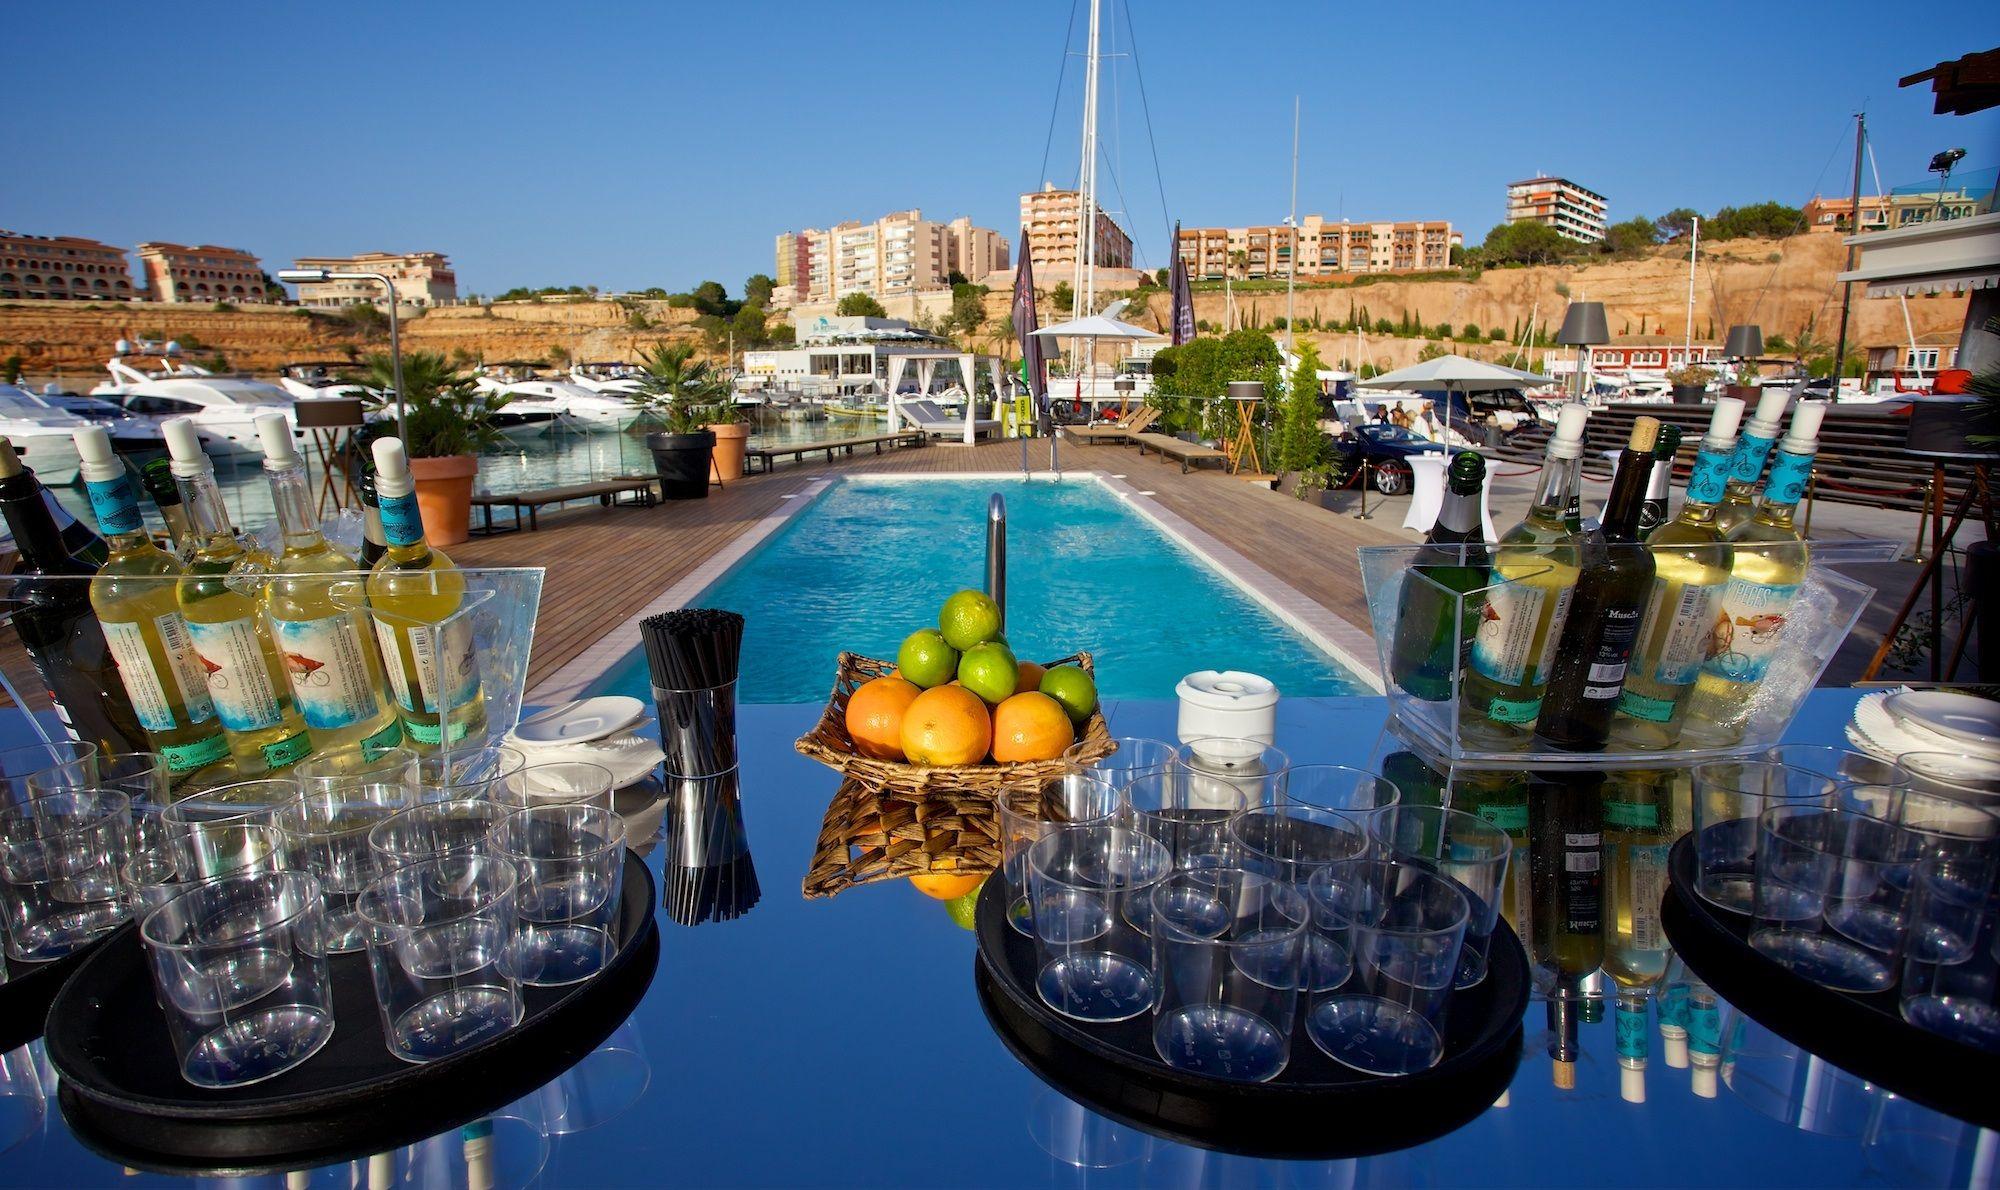 Vive un verano perfecto en Port Adriano al lado de nuestra piscina, mientras tomas un refrescante cóctel . ¿Qué más se puede pedir?